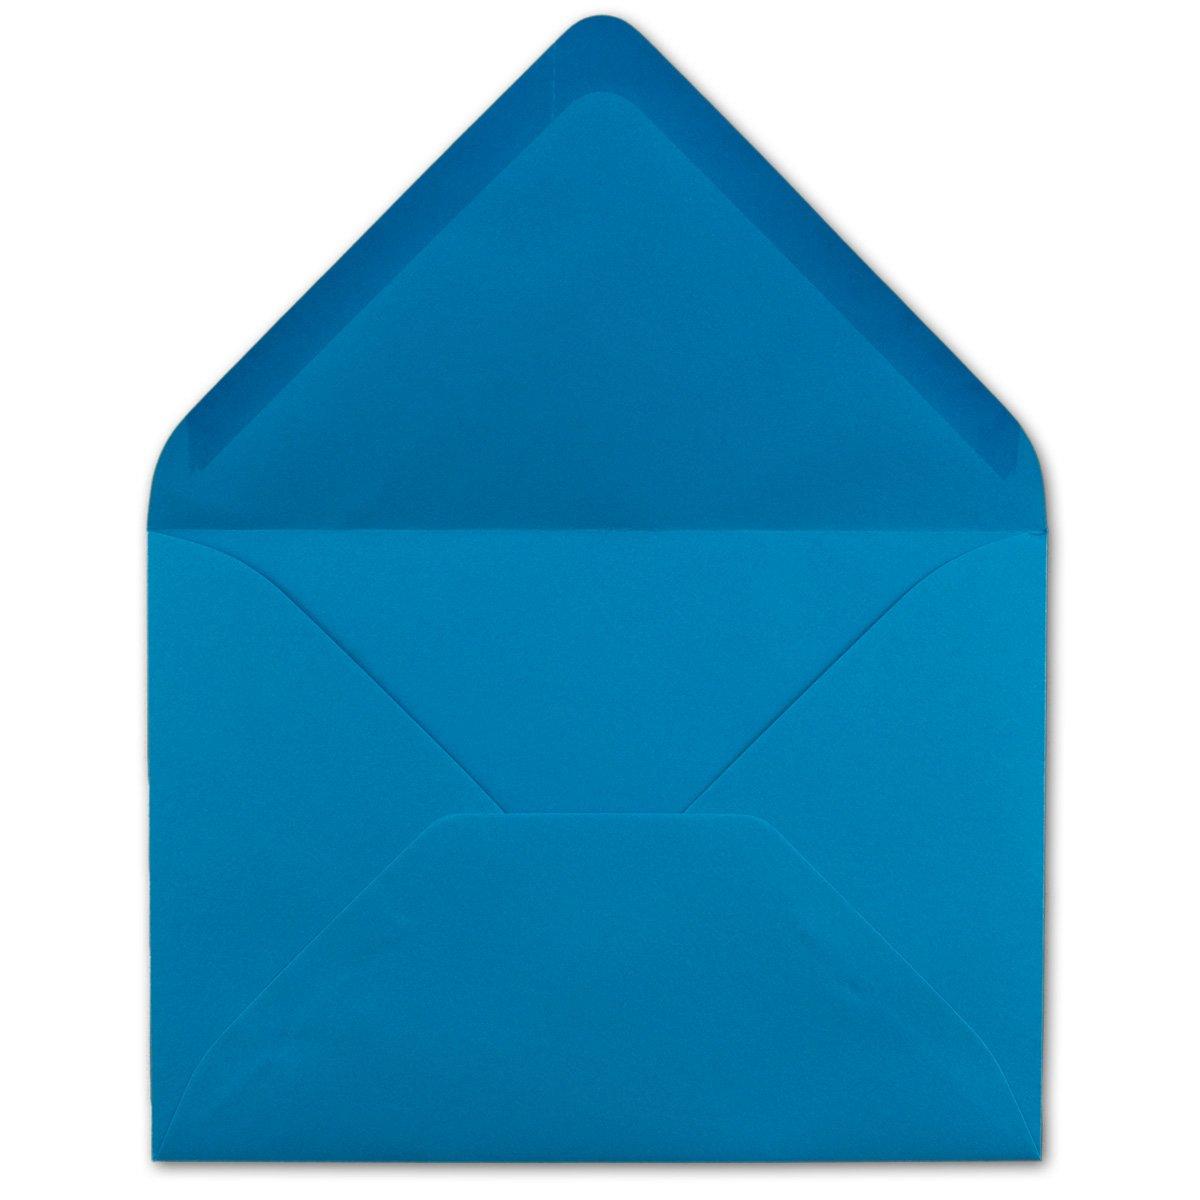 200x Brief-Umschläge in Dunkel-Grün - 80 g m² - KuGrüns KuGrüns KuGrüns in DIN B6 Format 125 x 175 mm - Nassklebung ohne Fenster - Qualitätsmarke FarbenFroh® B07B3QGQC2 | Ich kann es nicht ablegen  80550c